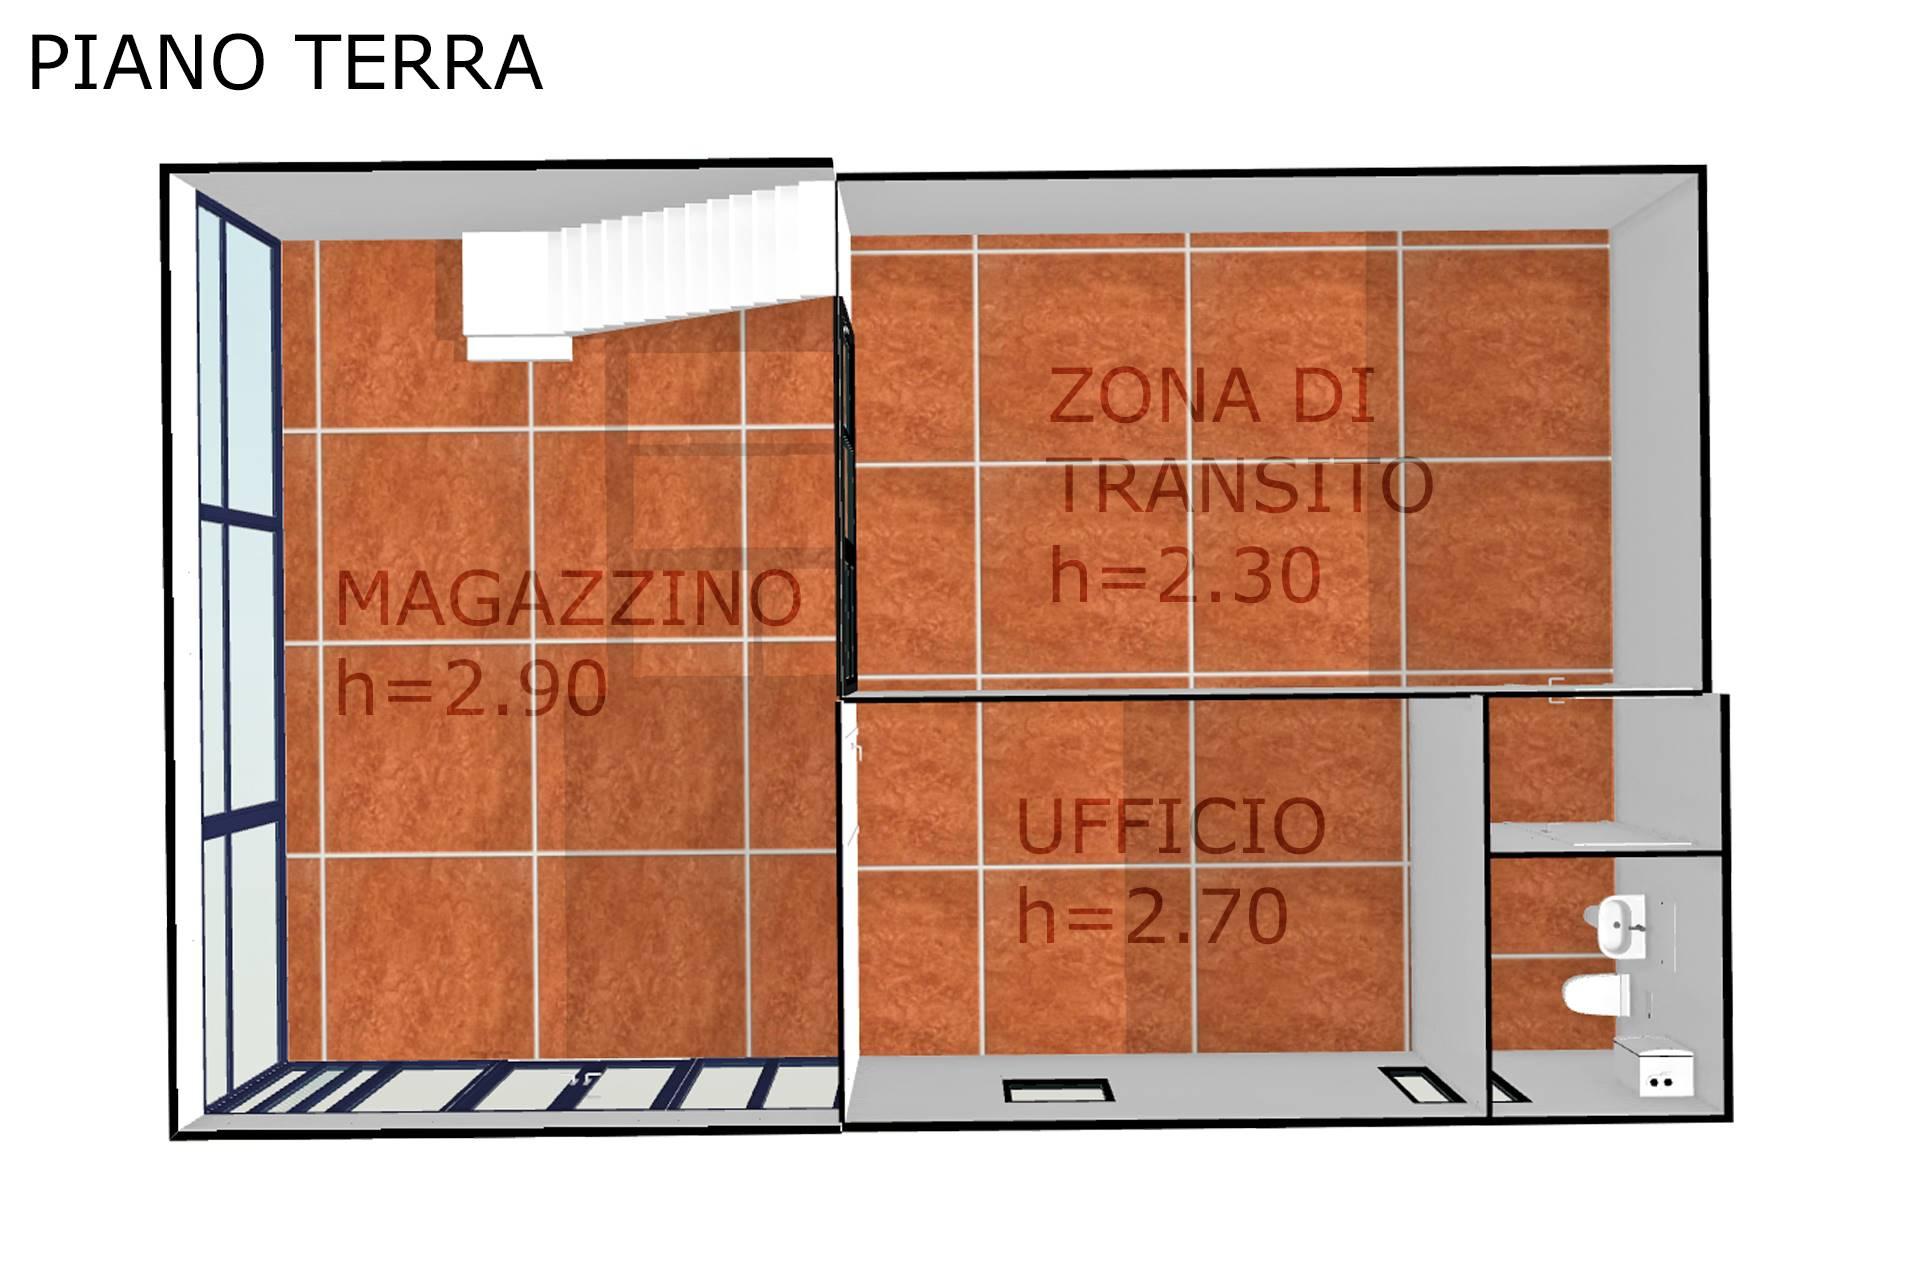 Planimetria realistica piano terra 2D